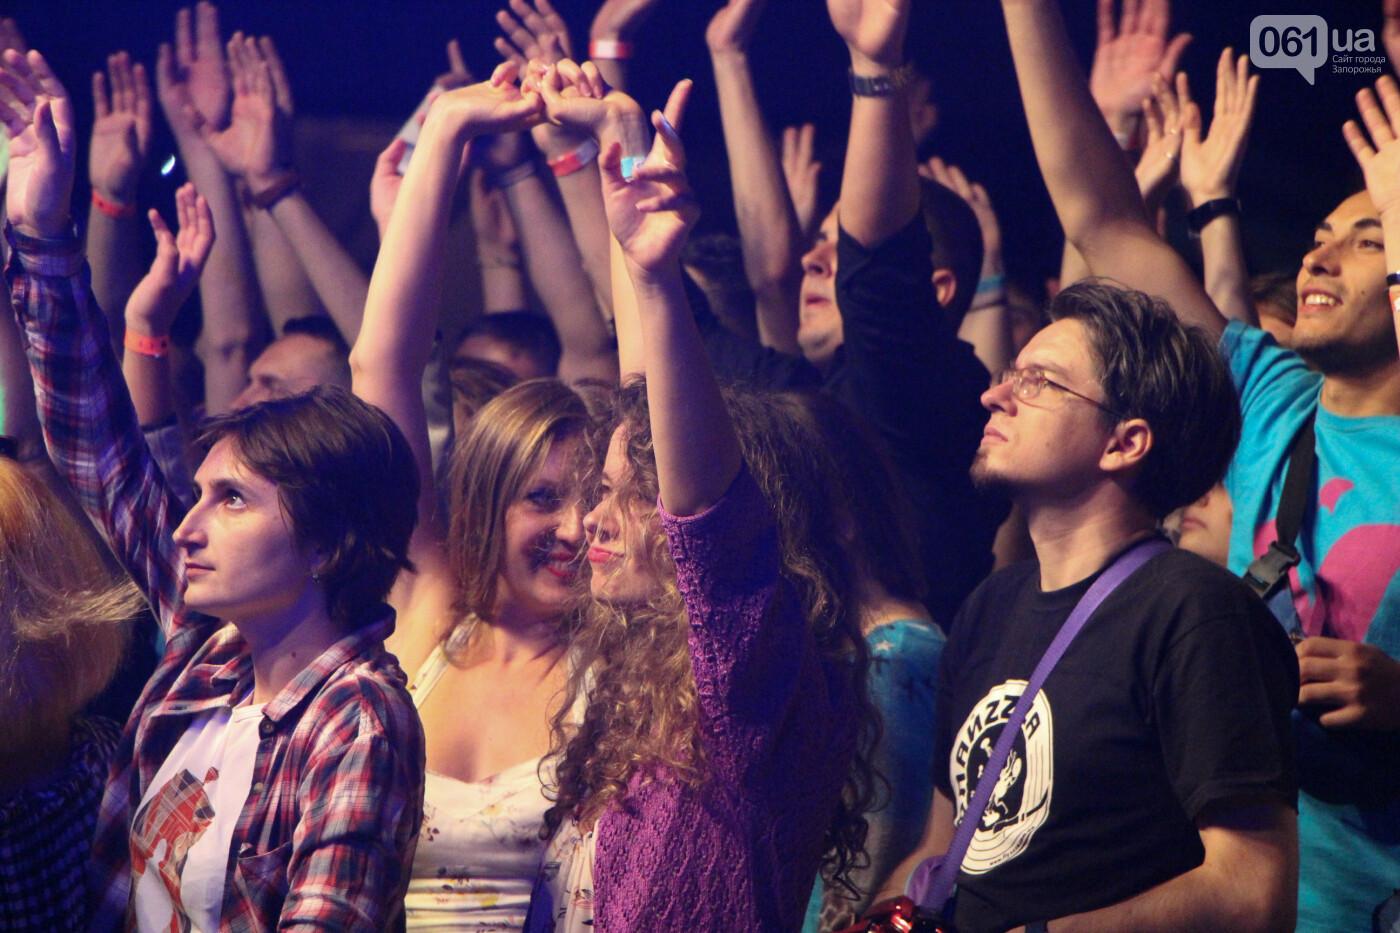 Концерт группы «Жадан і Собаки» собрал сотни запорожцев: как это было, - ФОТОРЕПОРТАЖ, фото-17